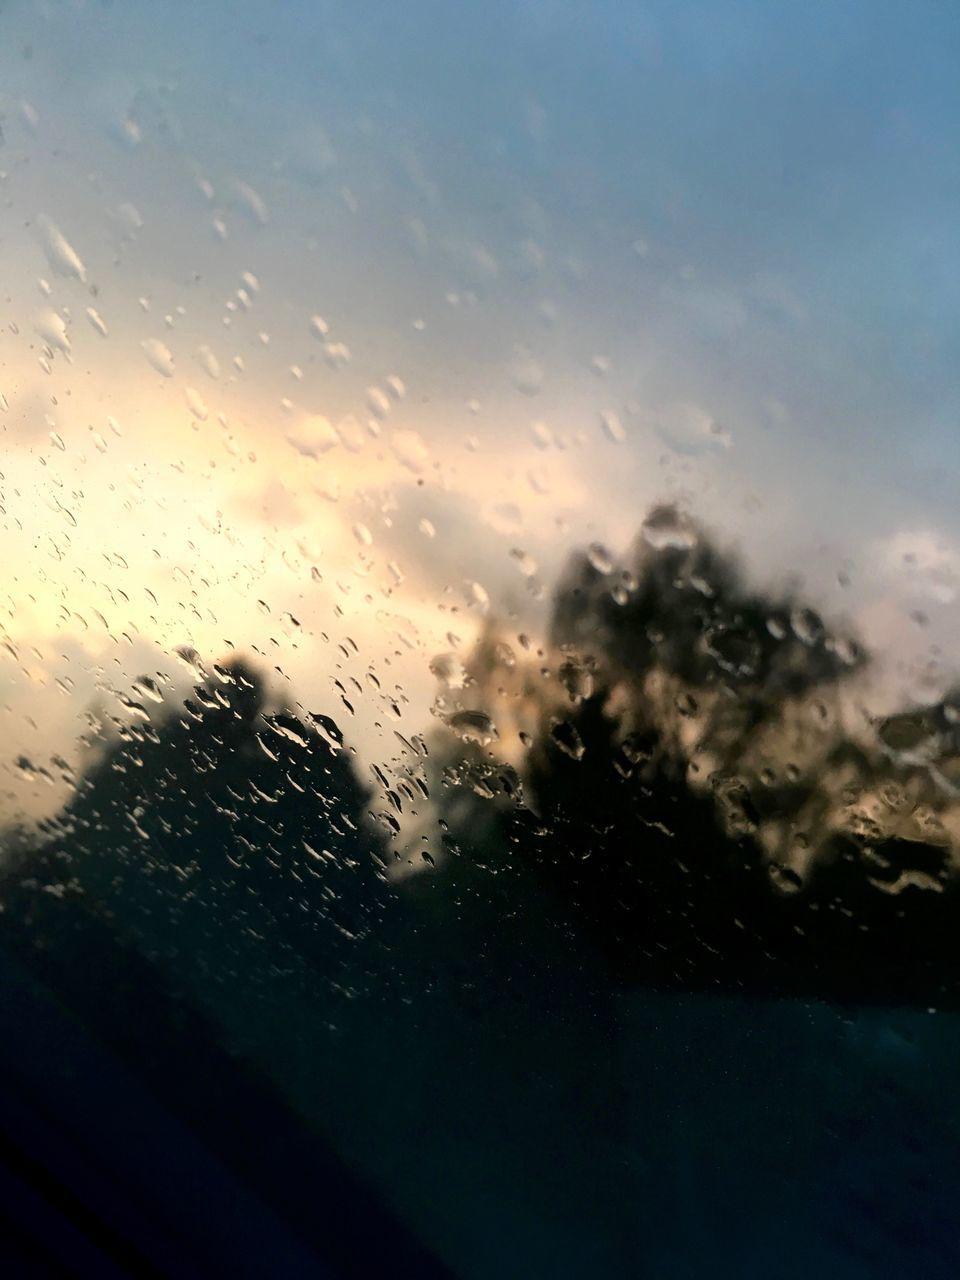 backgrounds car condensation drop glass indoors eyeem. Black Bedroom Furniture Sets. Home Design Ideas